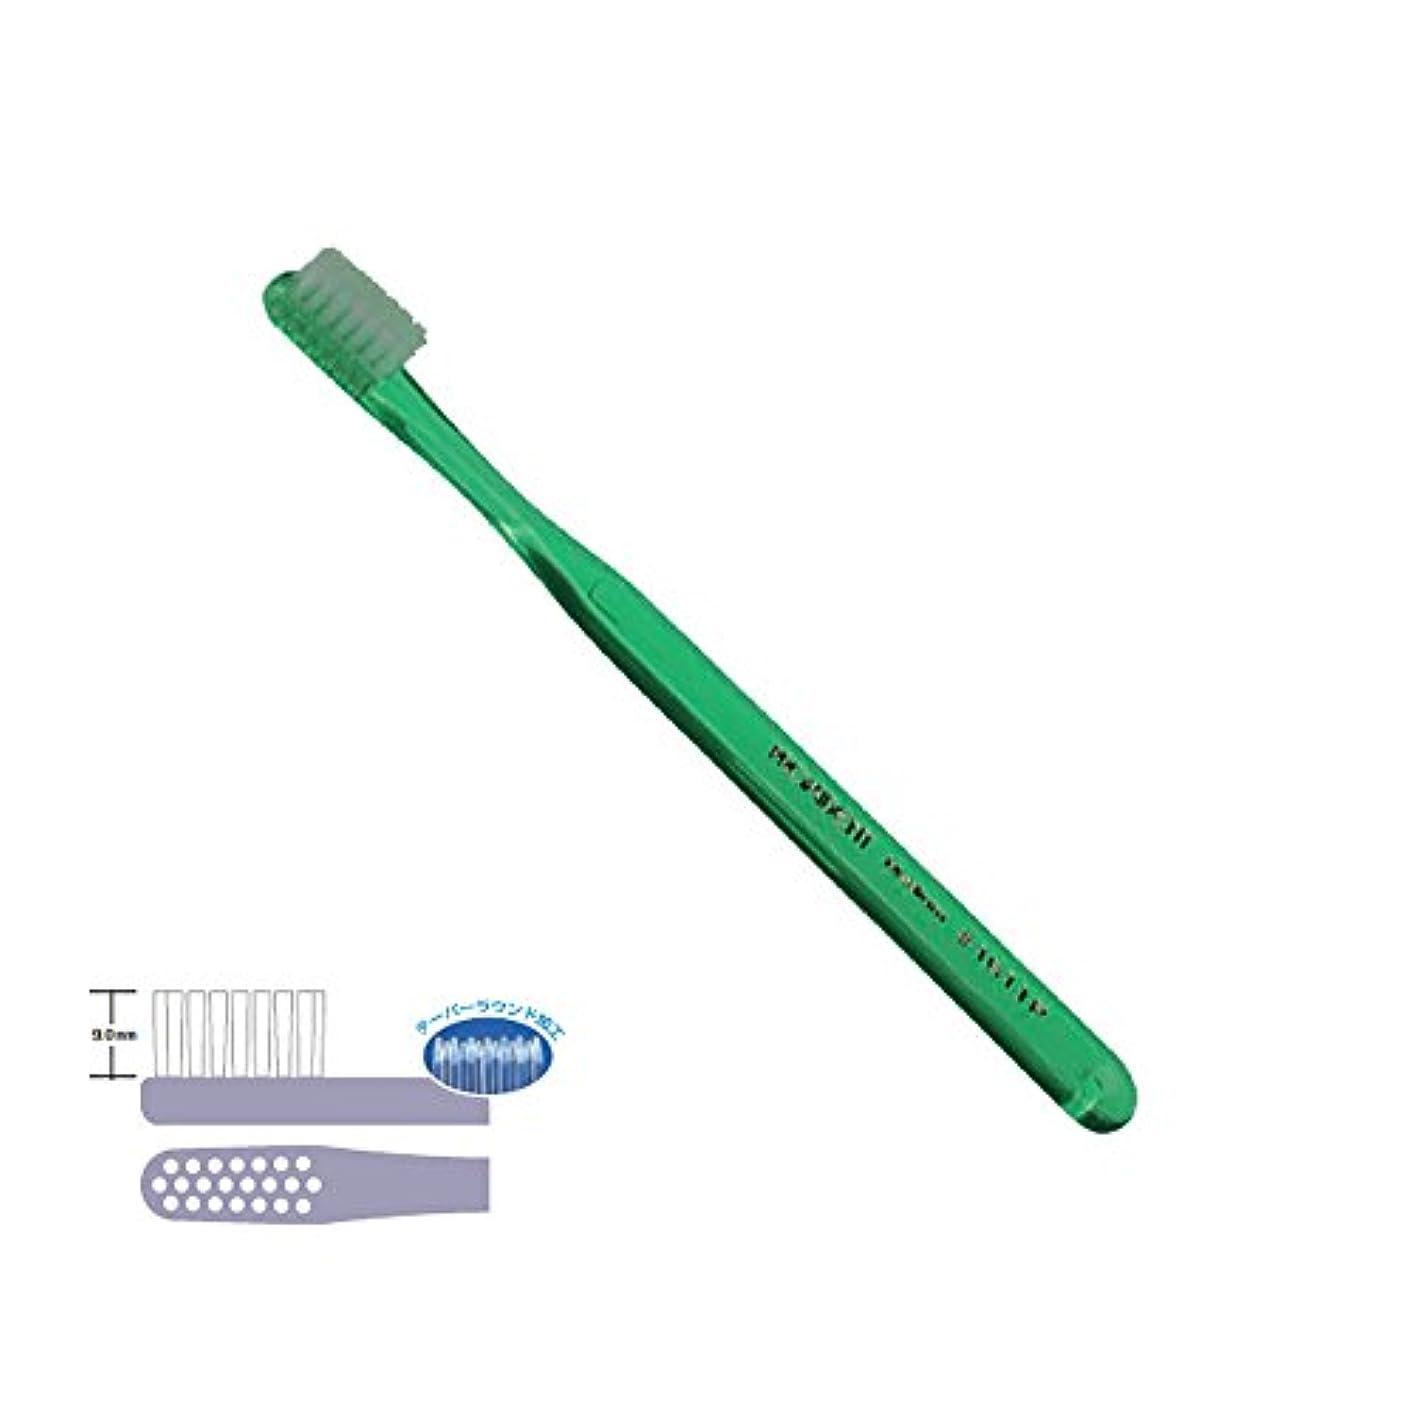 バッグ好む認めるプローデント プロキシデント #1611P 歯ブラシ 50本入 10本 × 5色 【コンパクトヘッド】【ミディアム】【キャップ付】